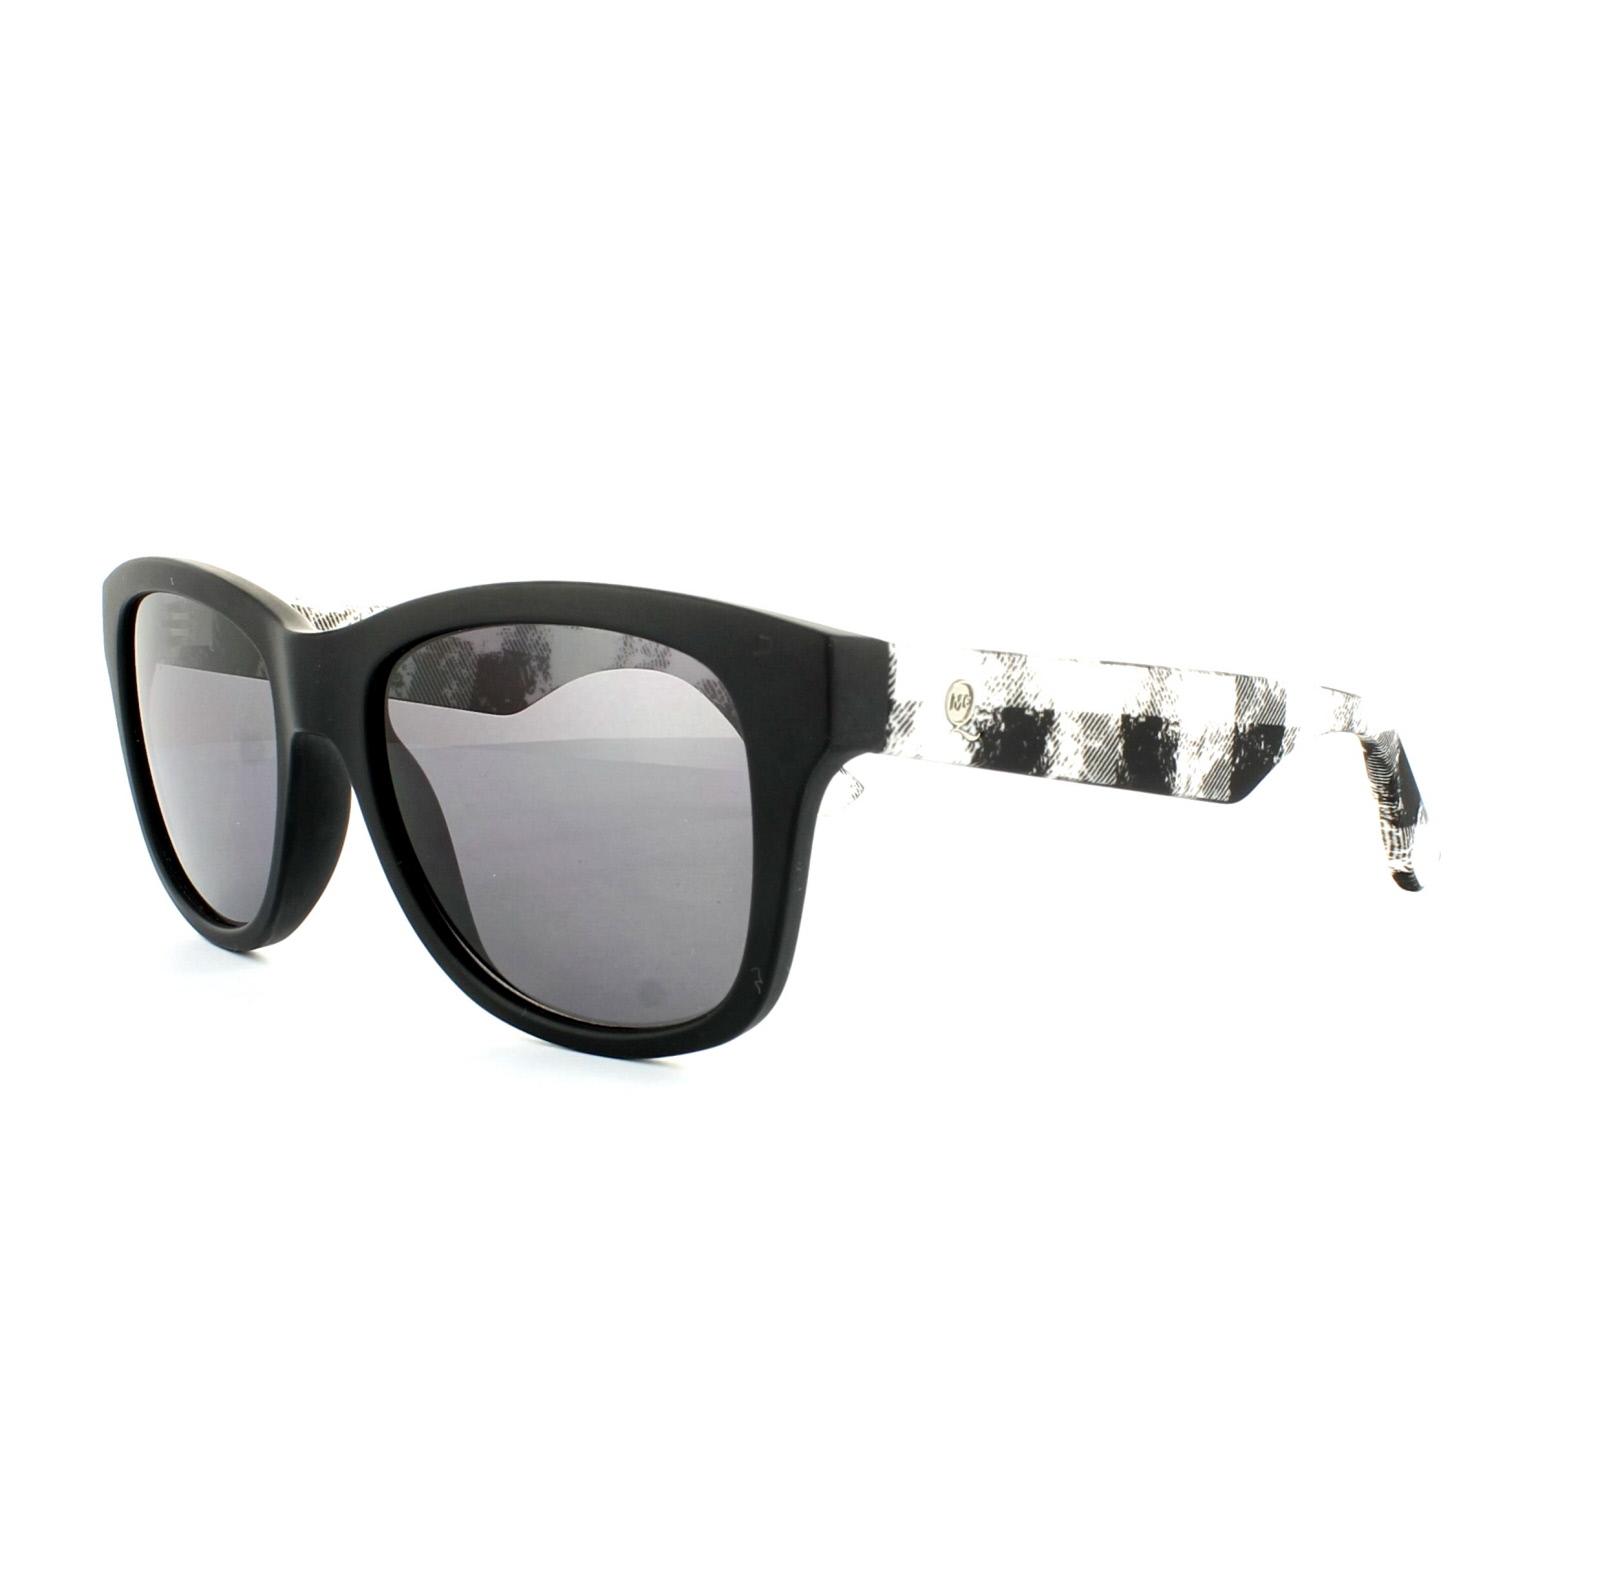 217bc7471e Cheap McQ Alexander McQueen 0002 S Sunglasses - Discounted Sunglasses